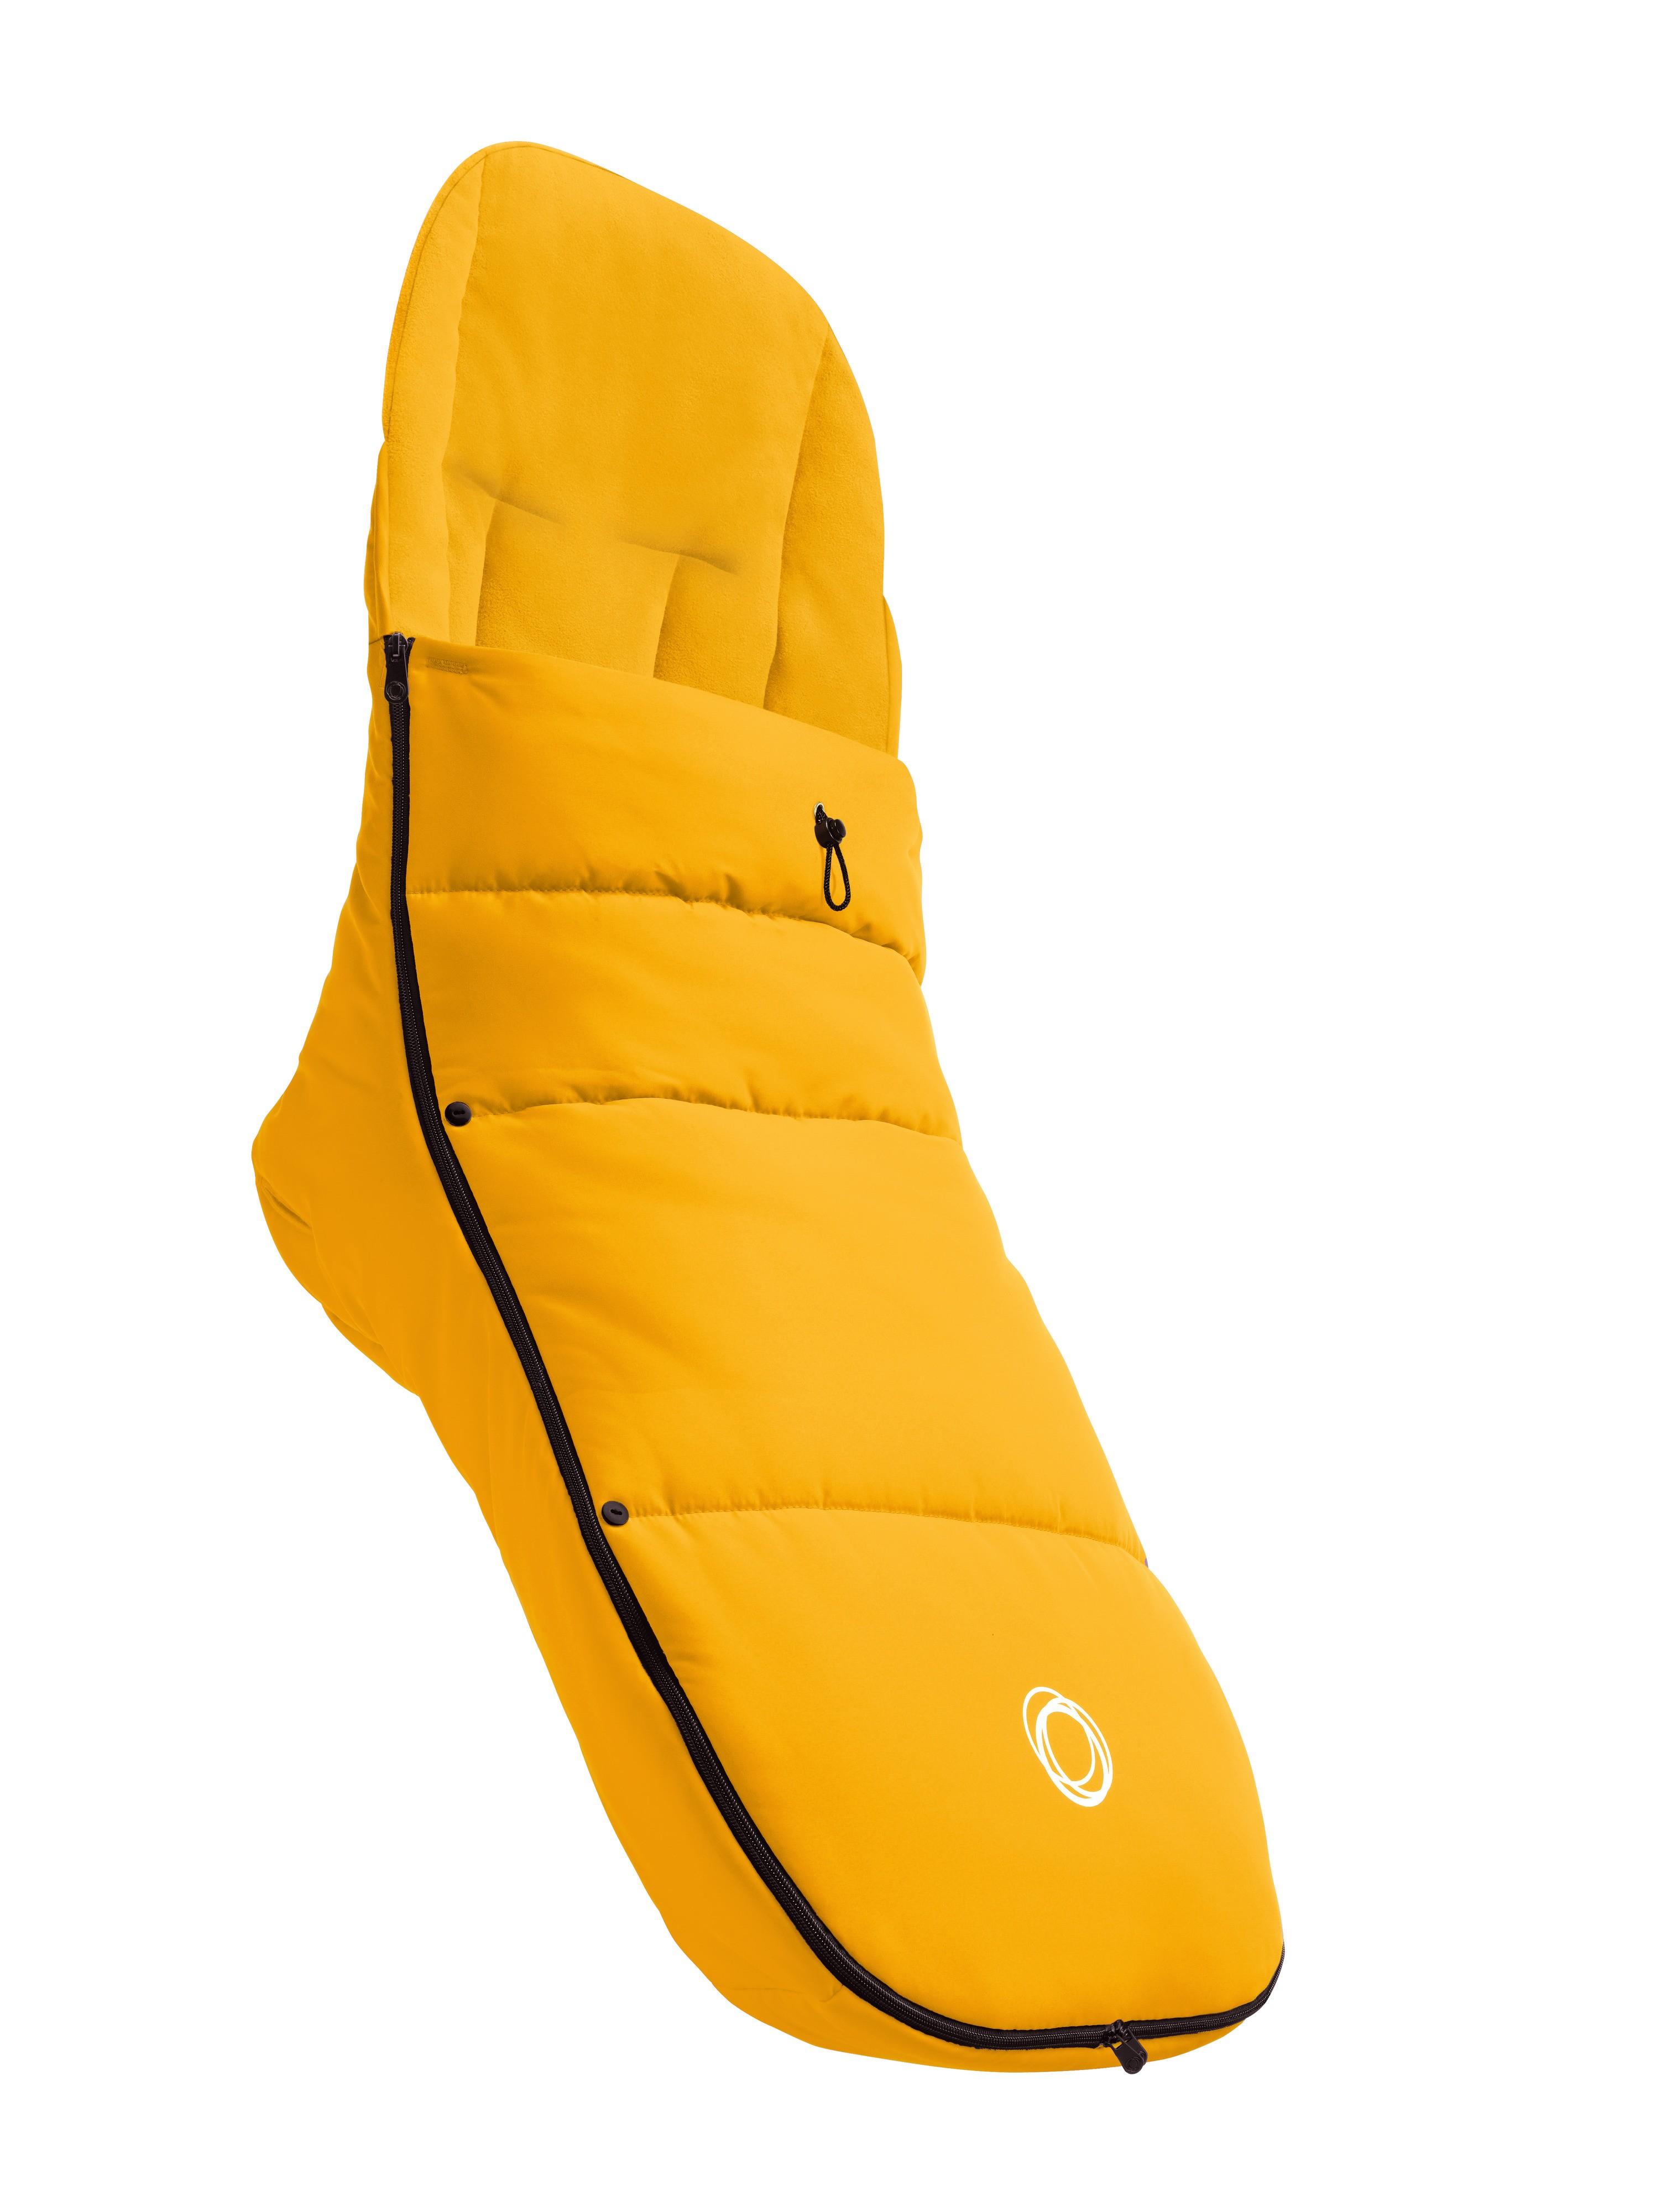 Bugaboo Voetenzak Sunrise Yellow - kleur: Geel - Bugaboo